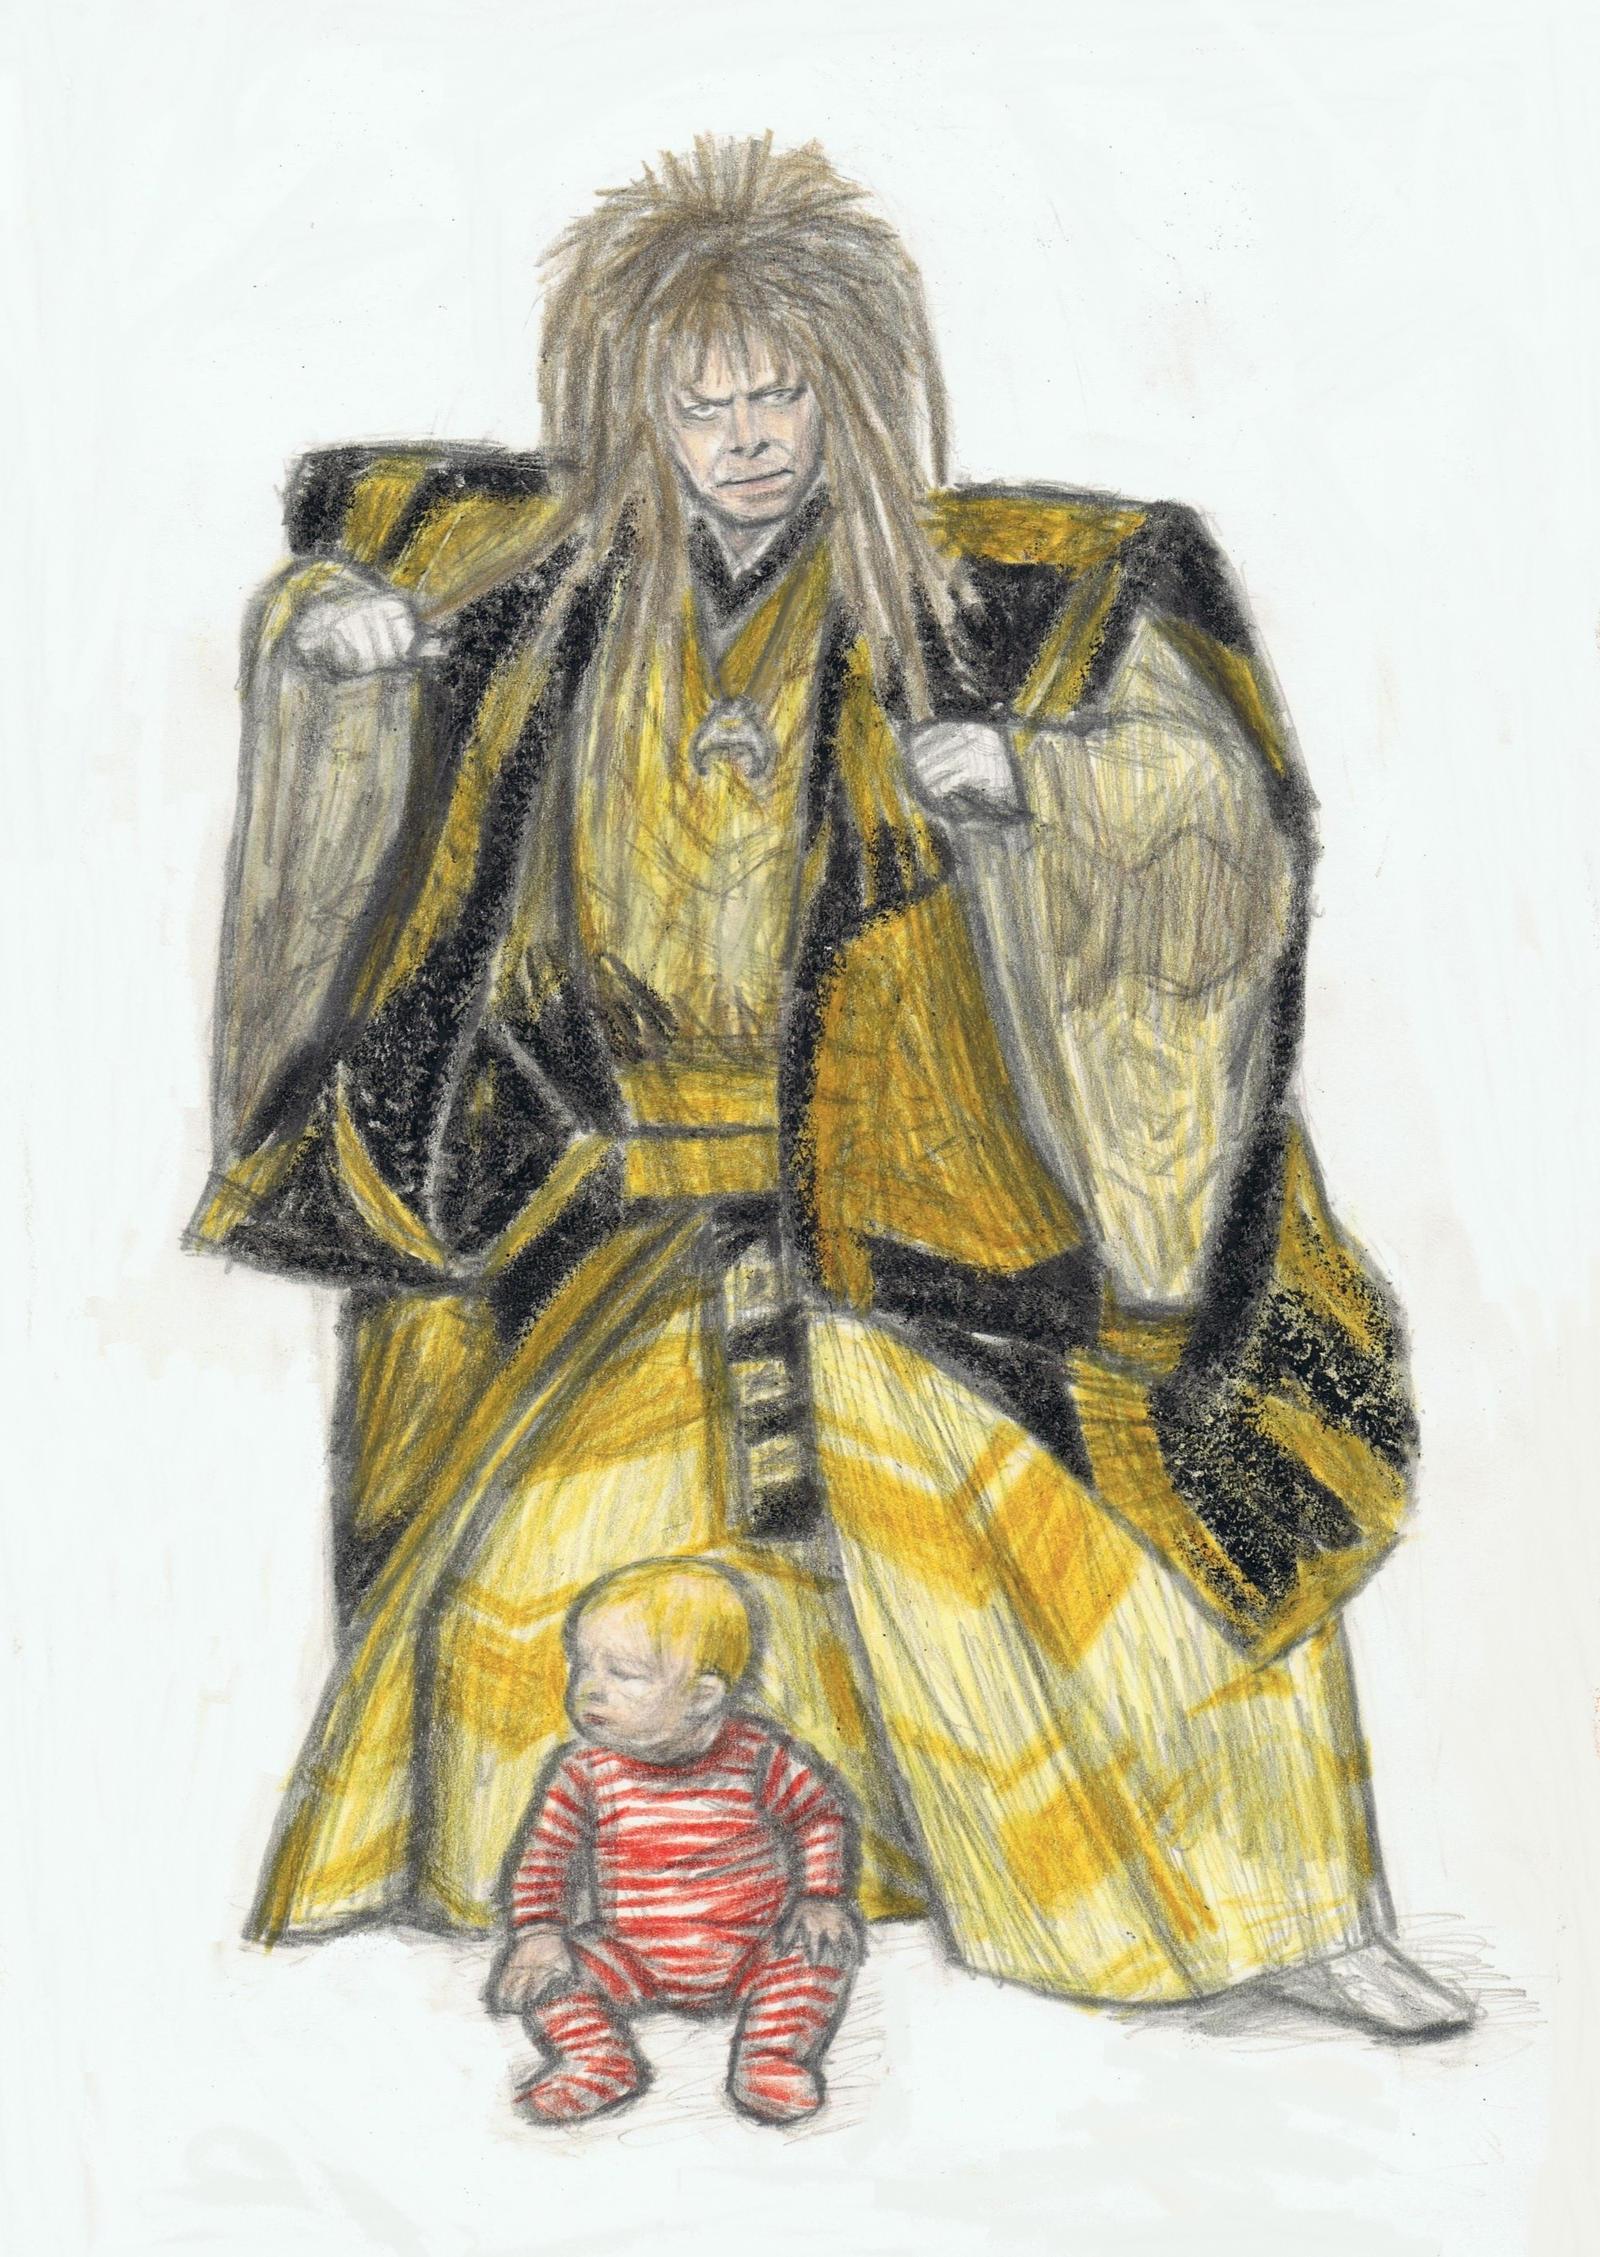 Jareth as a kabuki actor by gagambo